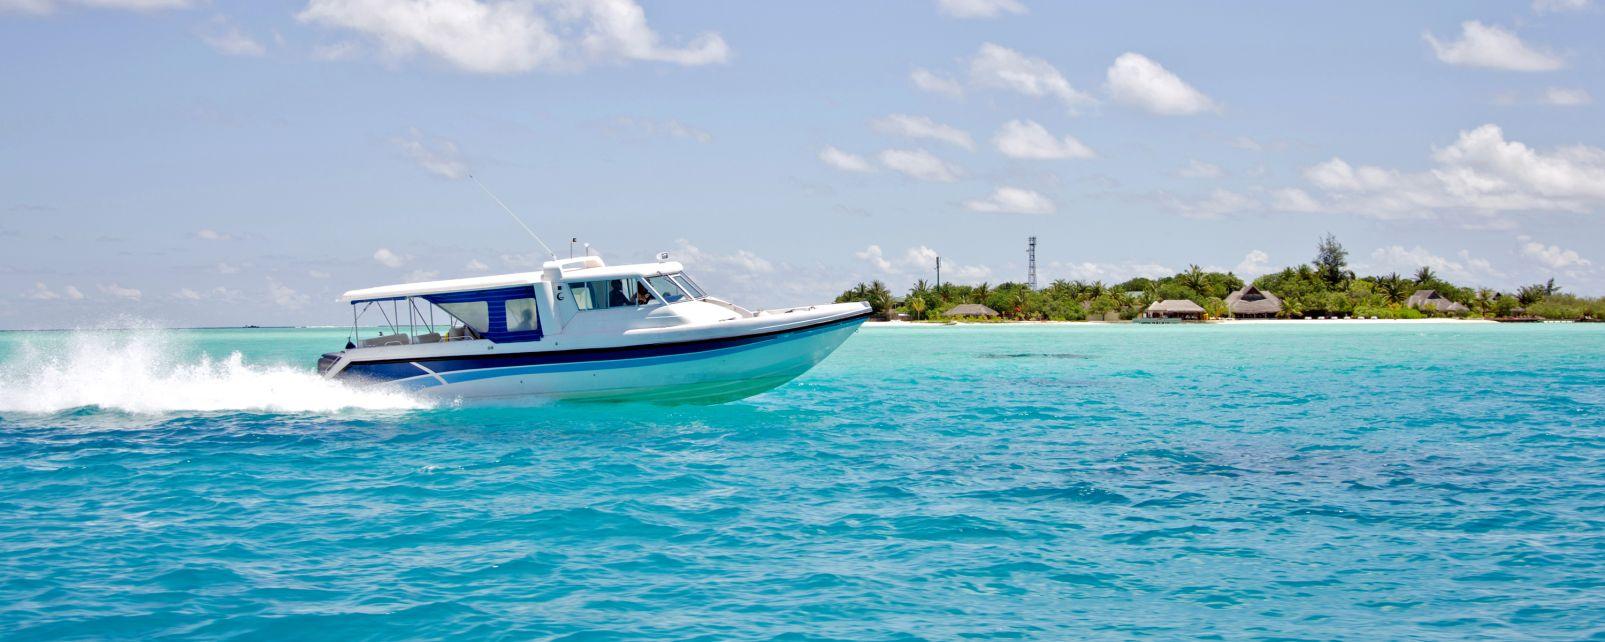 La spiaggia di Bodufinolhu., Atollo di Malé Sud - L'isola di Bodufinolhu, Le rive, Maldive